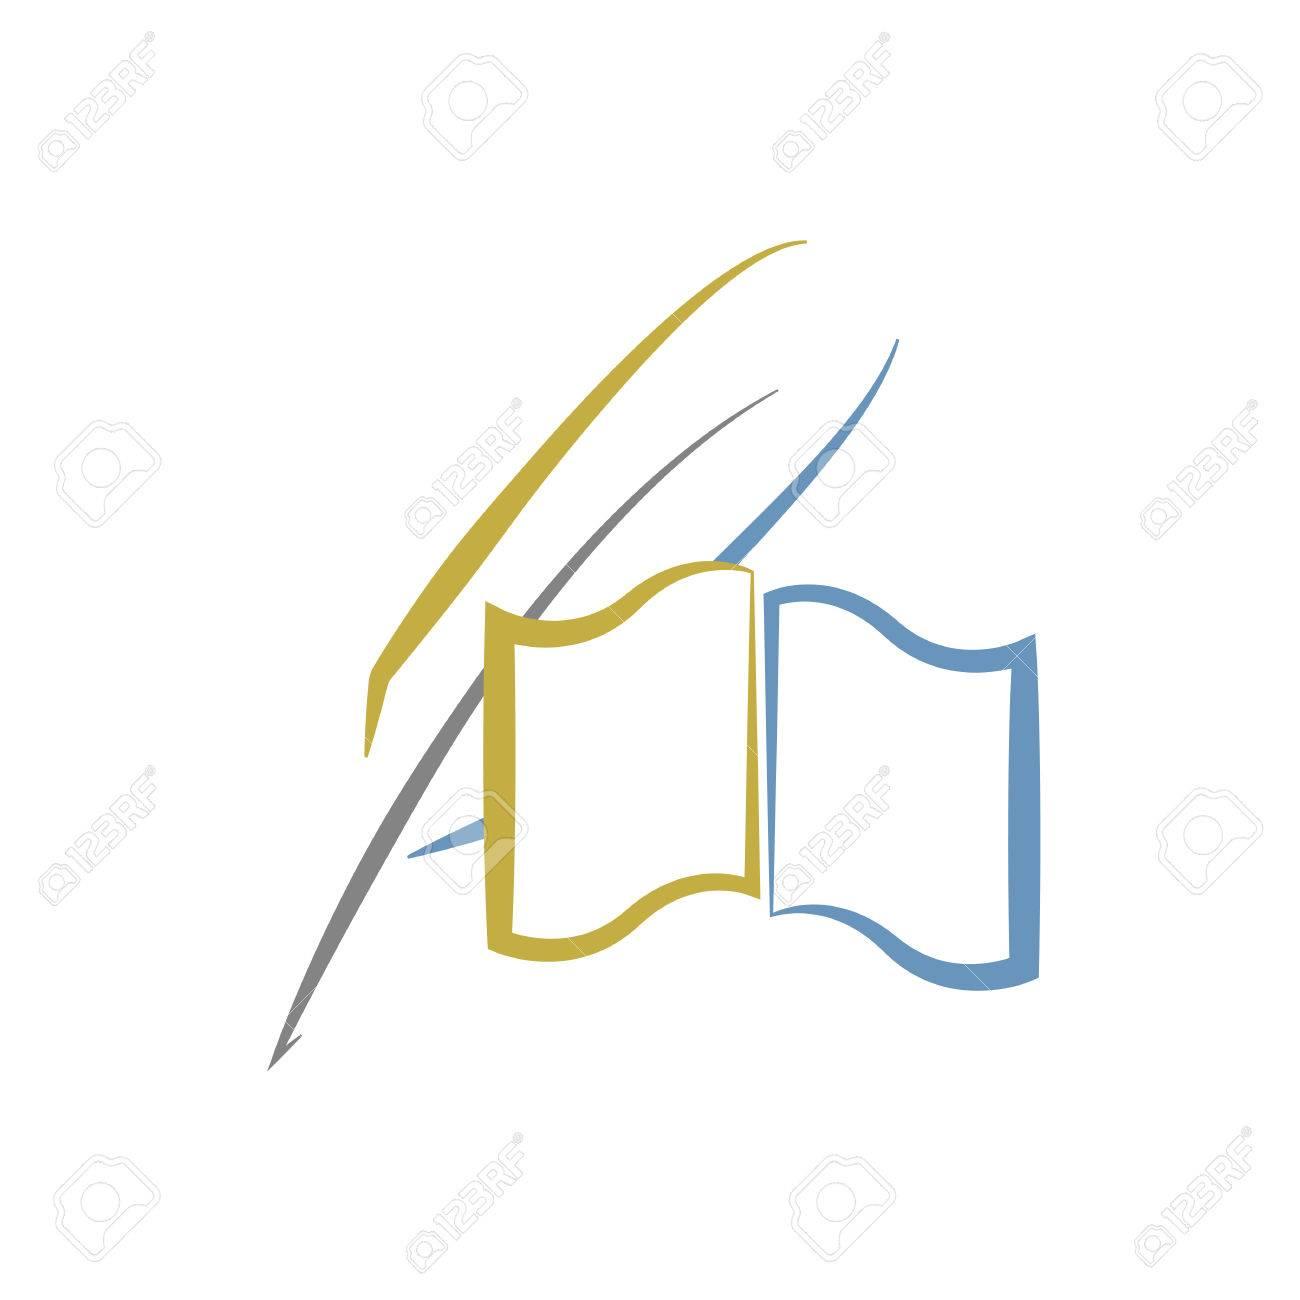 Livre Et La Plume De L Education Ou De La Litterature Logo